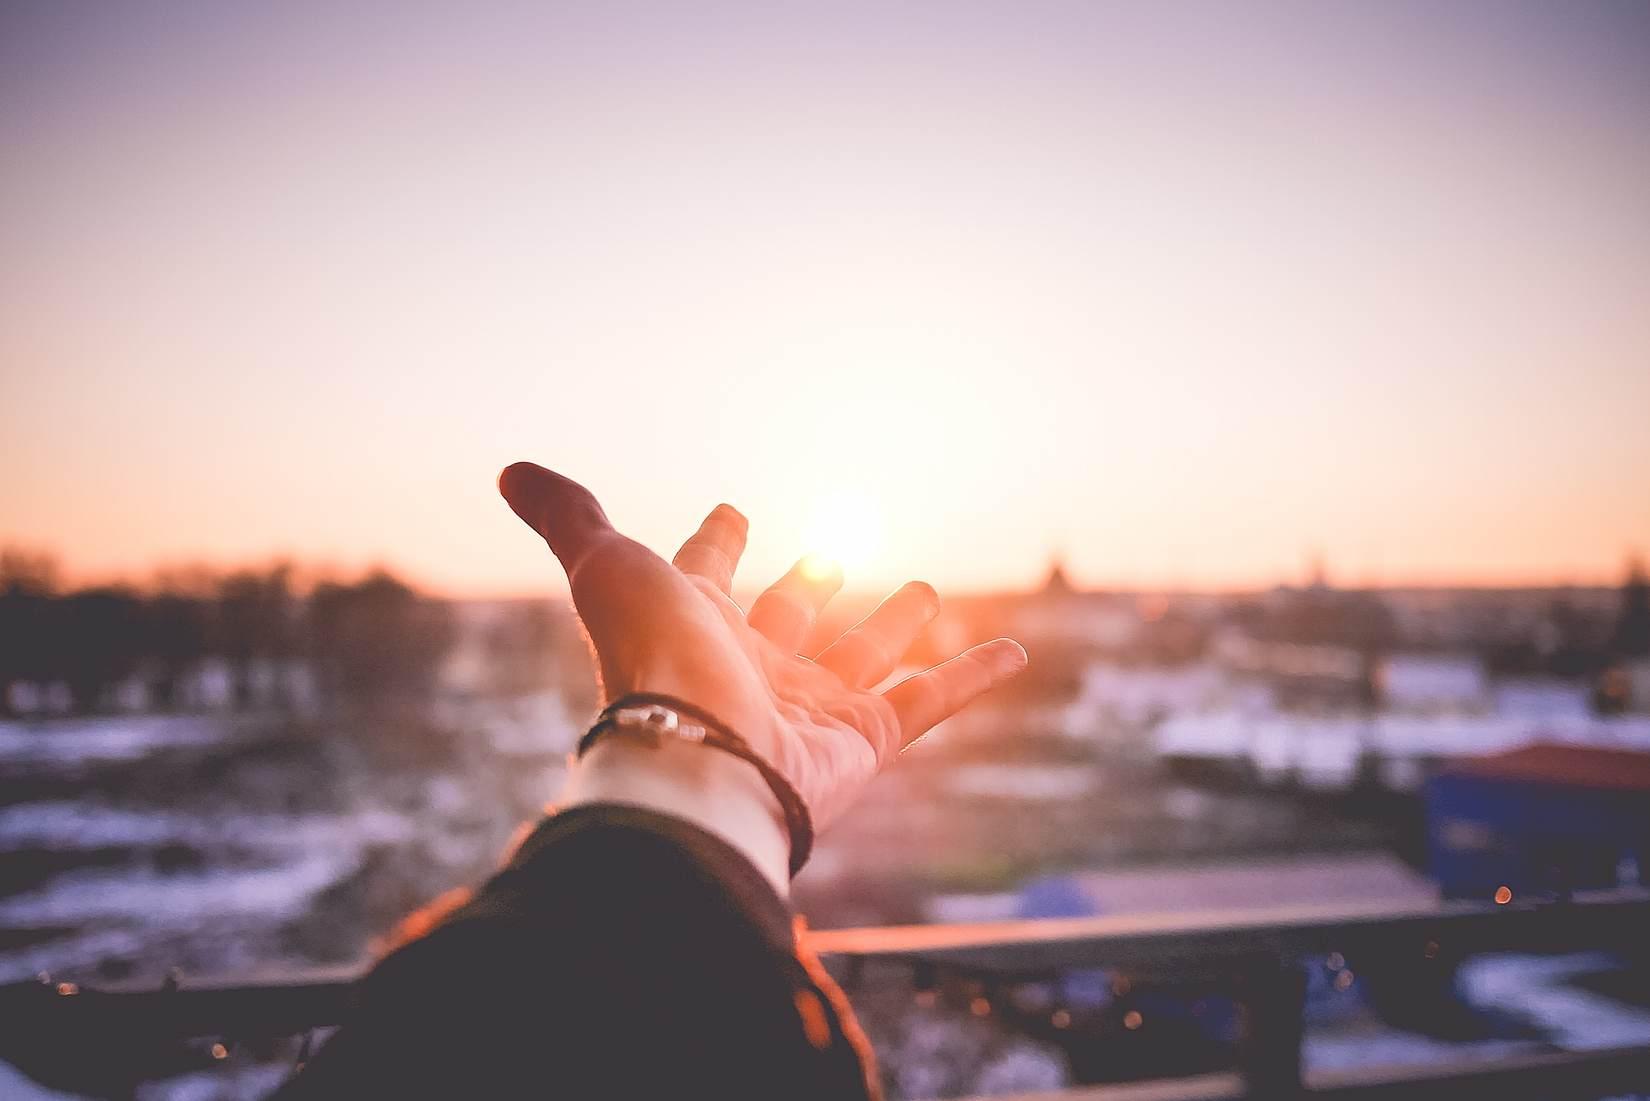 映画ラ・ラ・ランド『Another Day of Sun』の歌詞や意味―困難を乗り越えて、また朝は来るから!